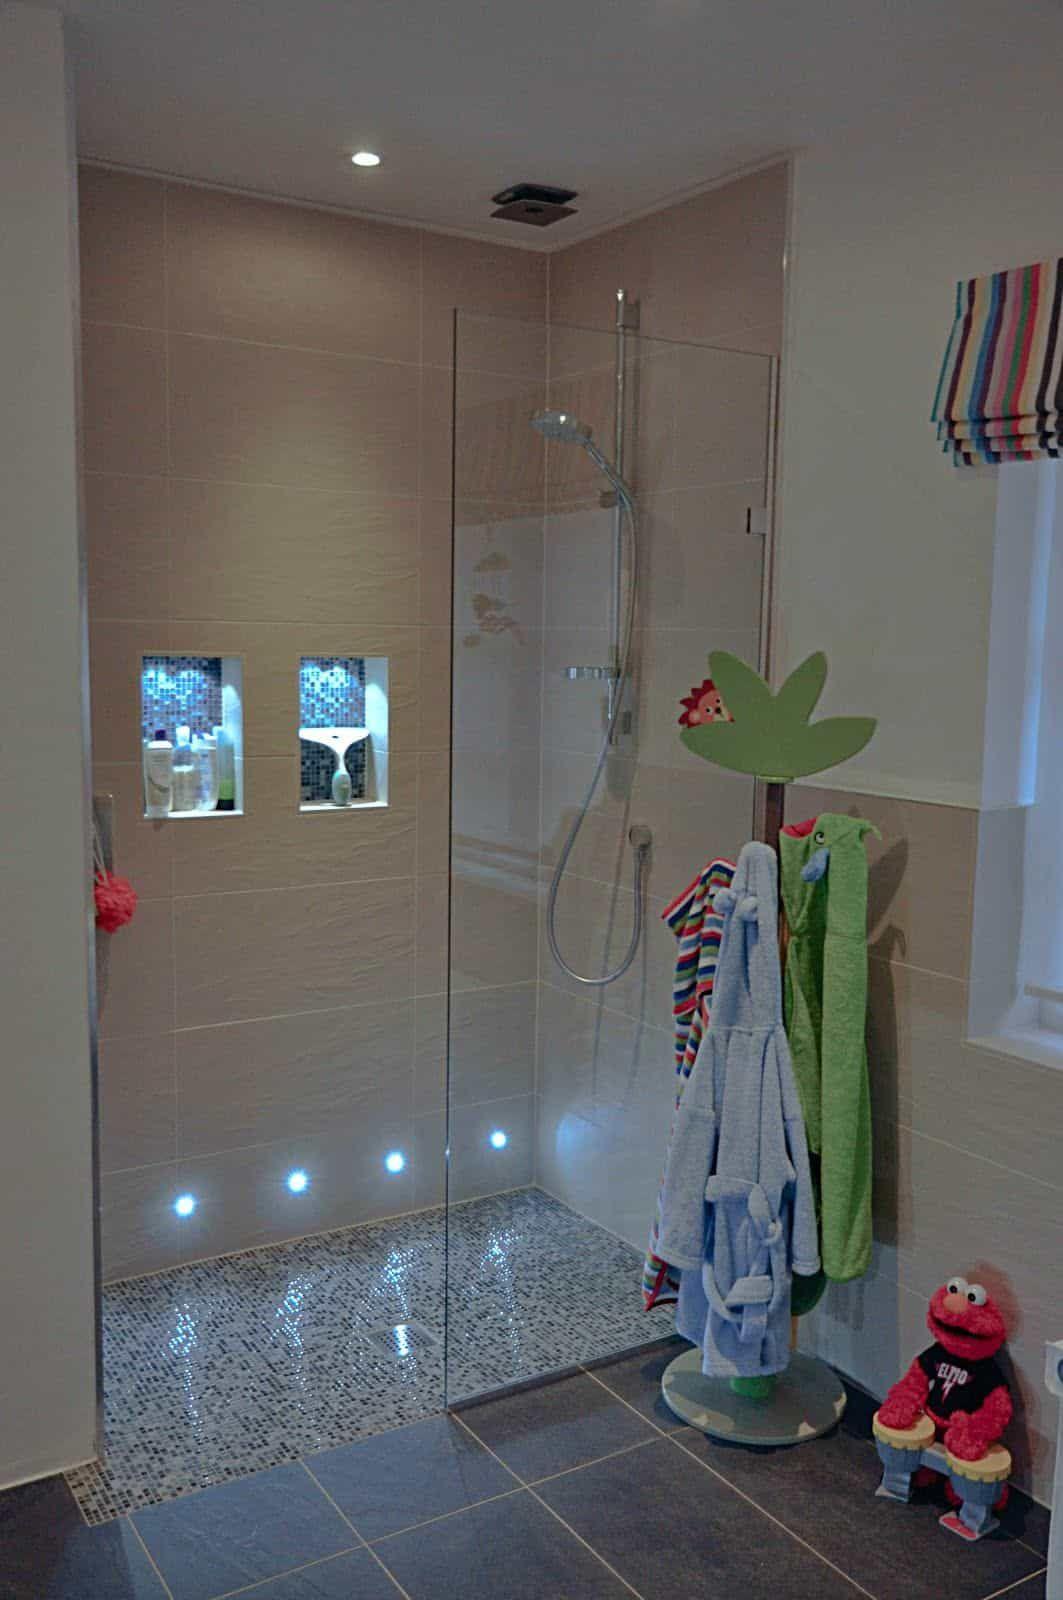 Great Waterproof Bathroom Shower Lighting Bathrooms Remodel Bathroom Design Trendy Bathroom